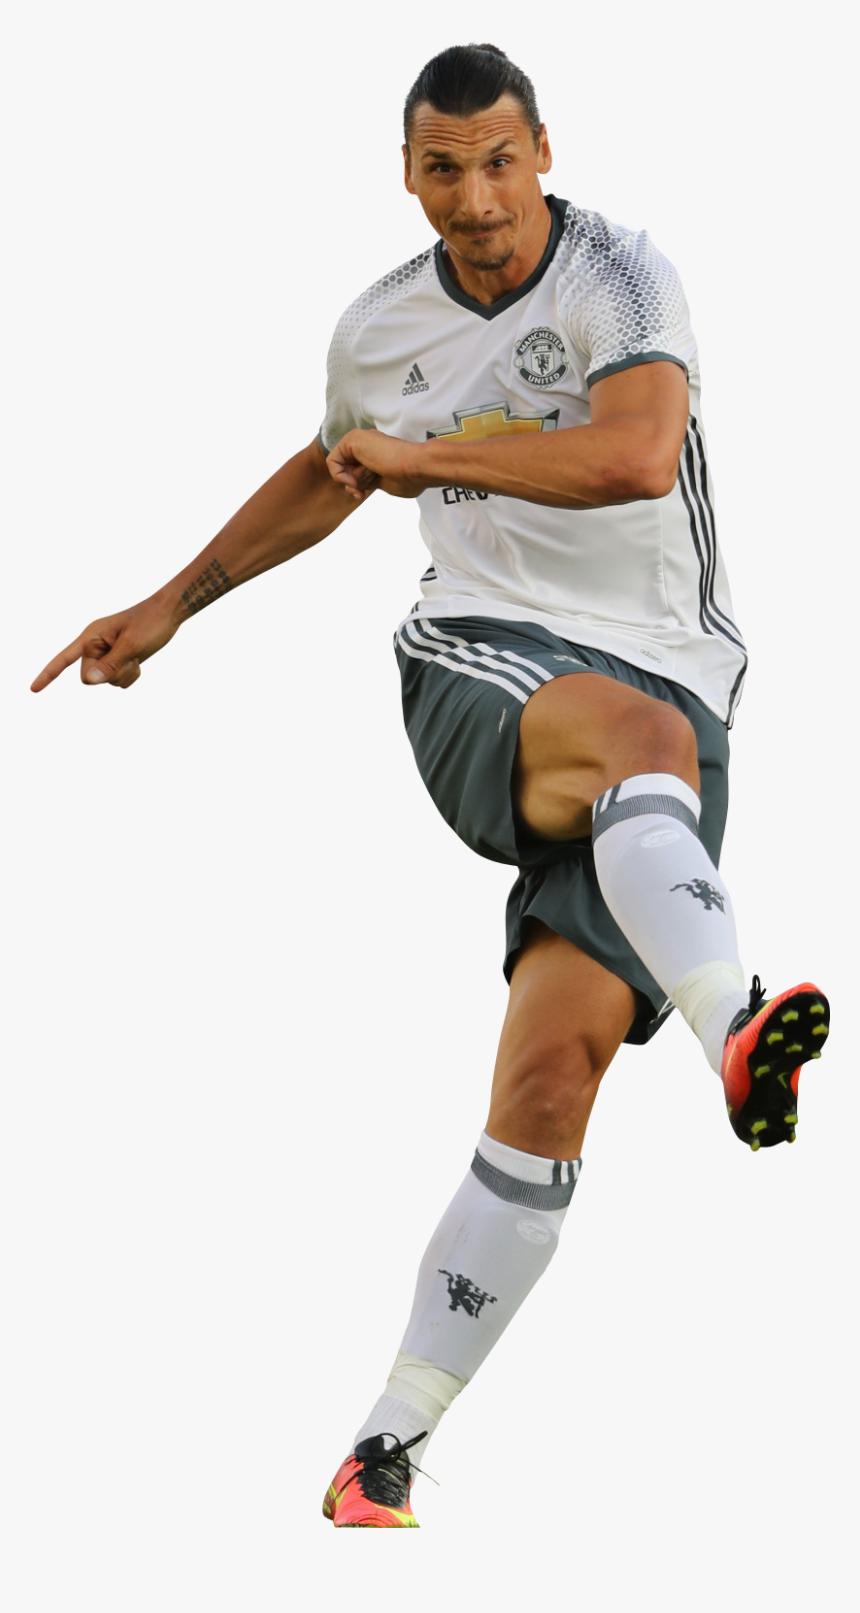 Zlatan Ibrahimovic Render - Zlatan Ibrahimovic Man U Png, Transparent Png, Free Download